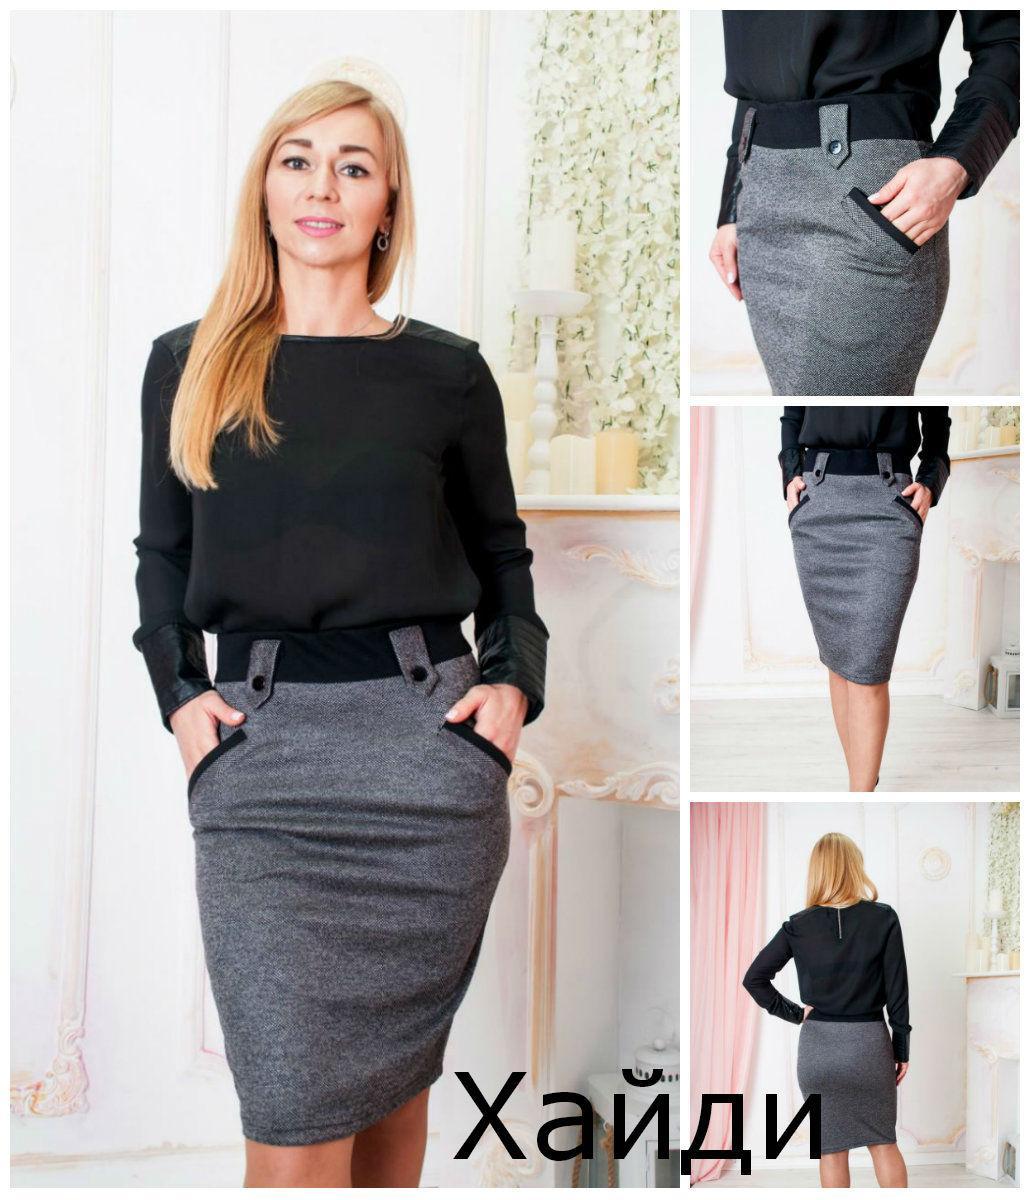 Женская стильная трикотажная юбка с карманами Хайди. 44-54